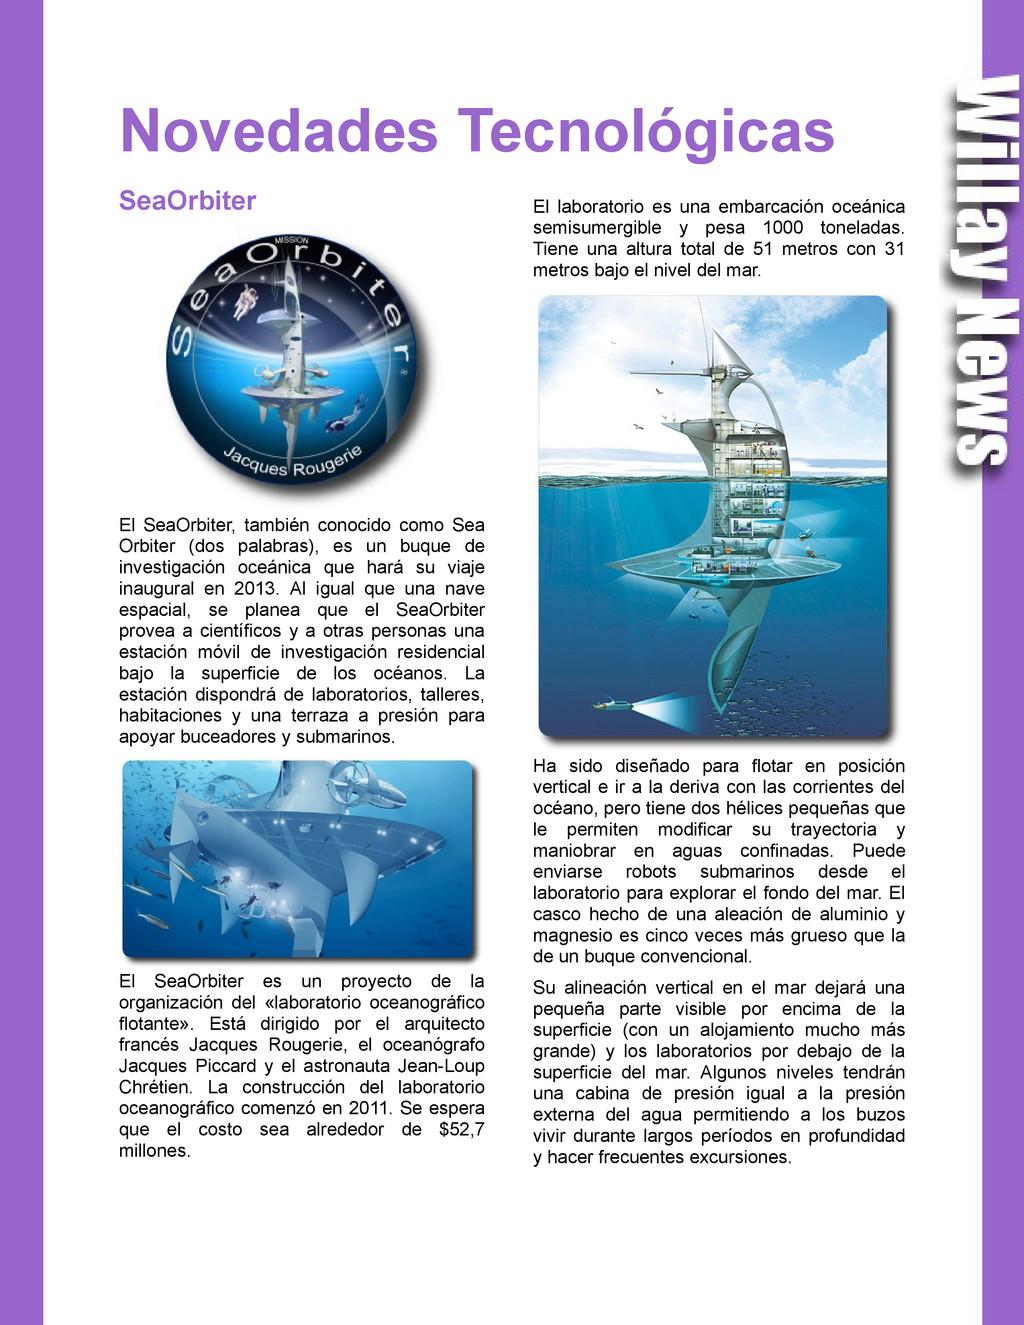 Novedades Tecnológicas SeaOrbiter El SeaOrbiter...